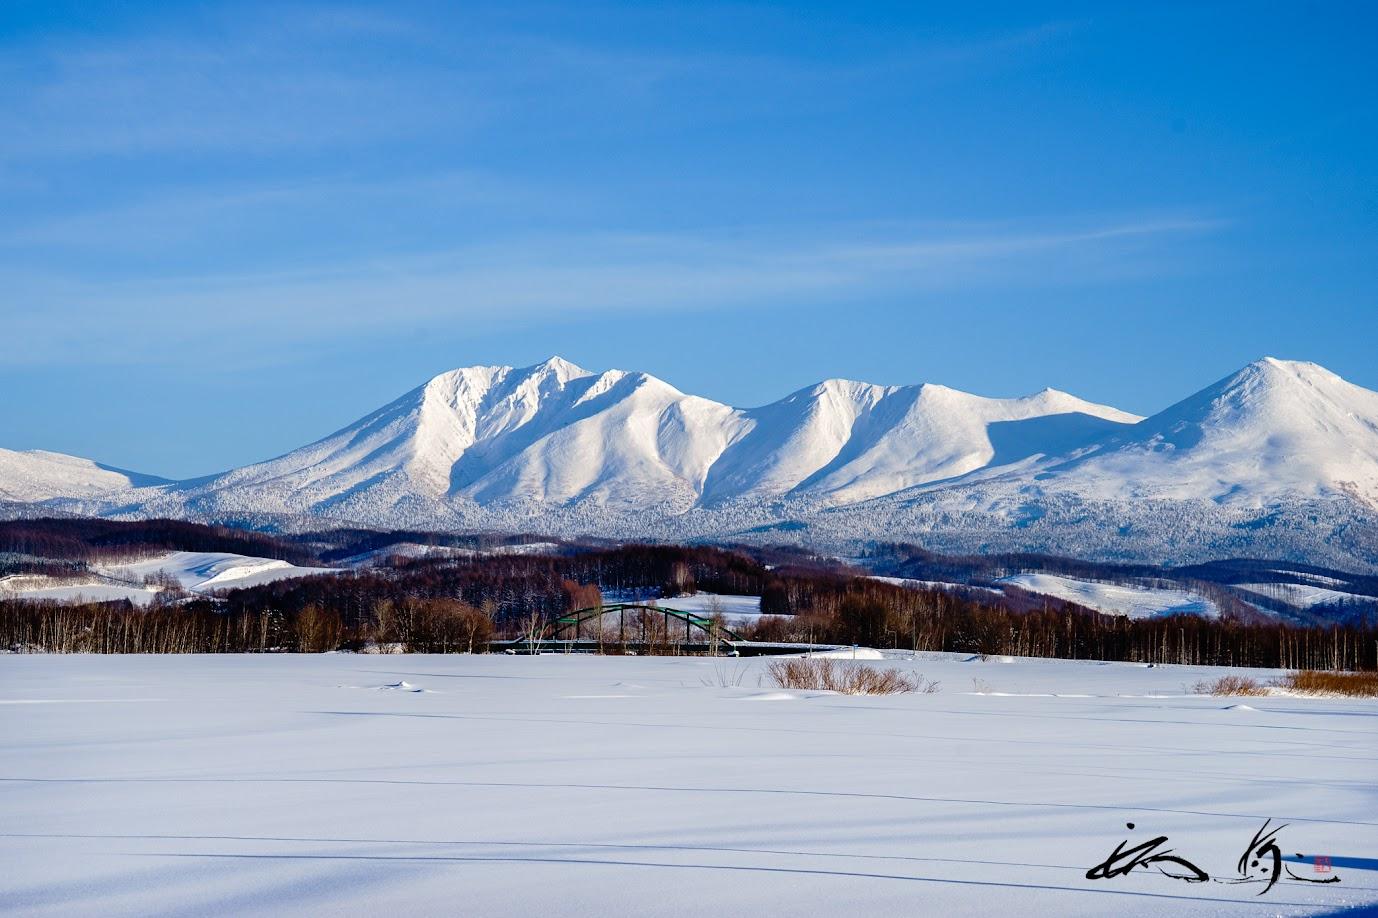 青空にくっきりと姿を表した見事な十勝岳連峰